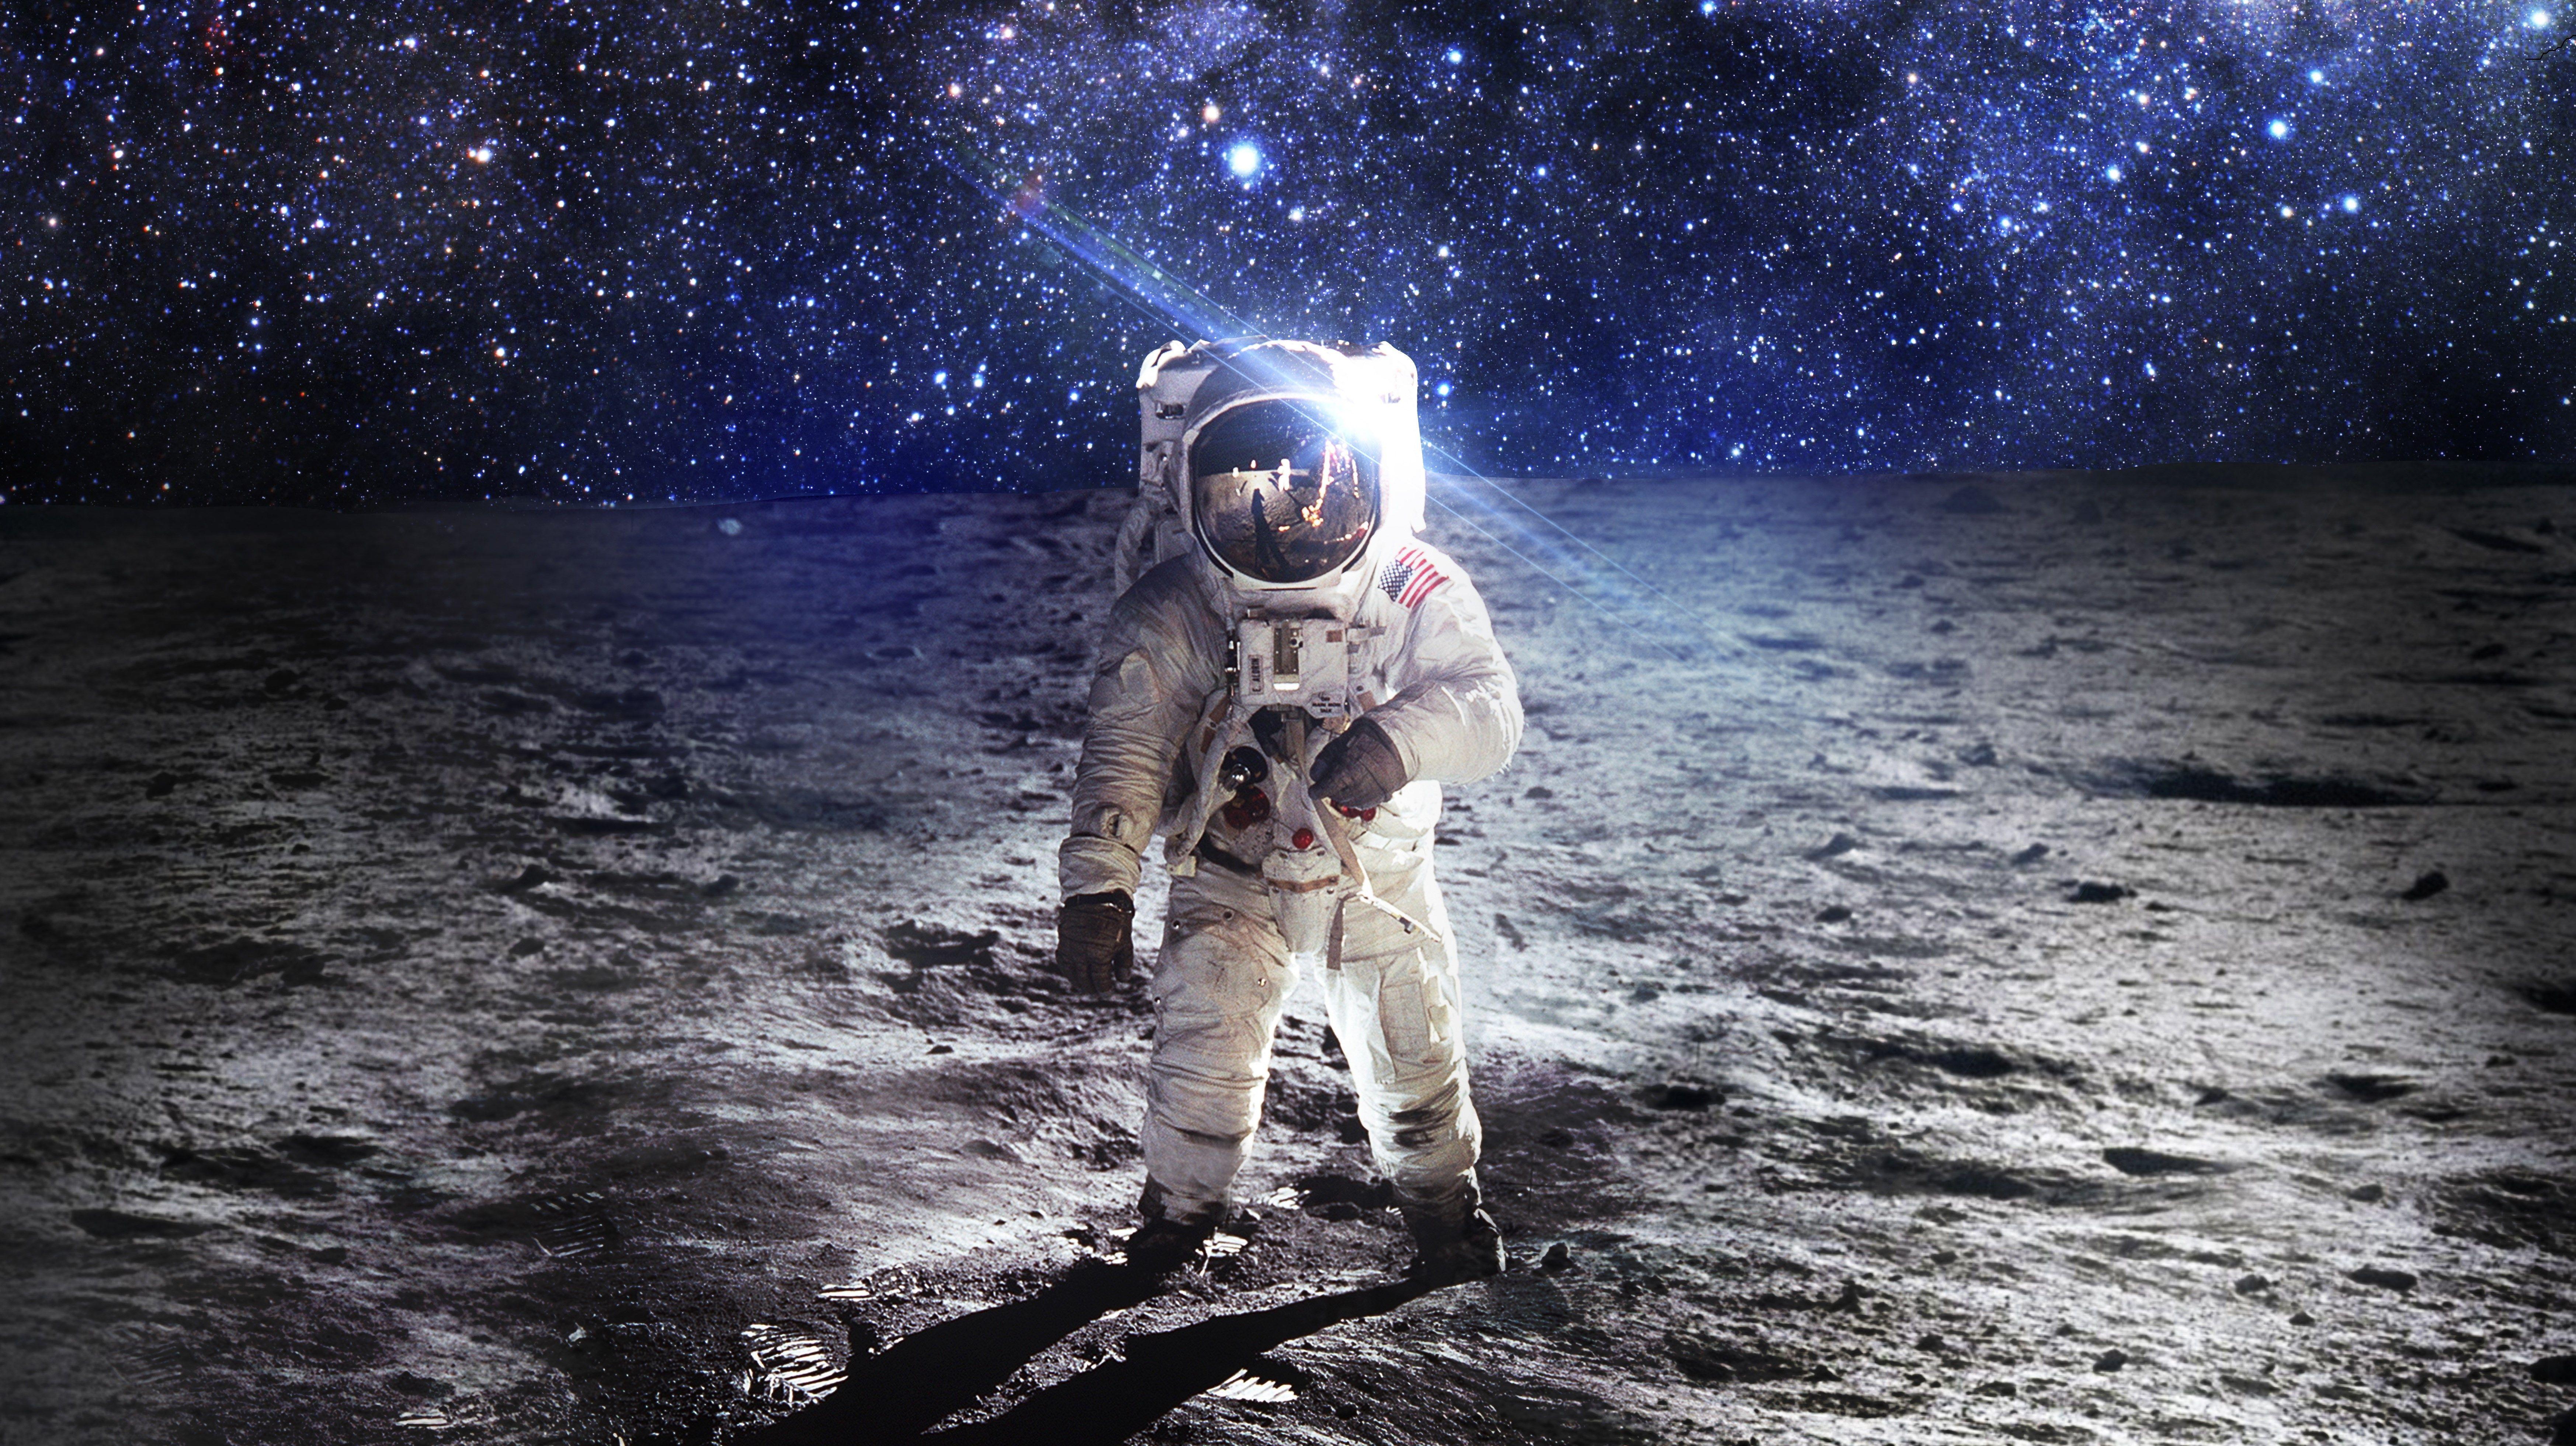 6986x3921 high resolution wallpapers widescreen astronaut ...